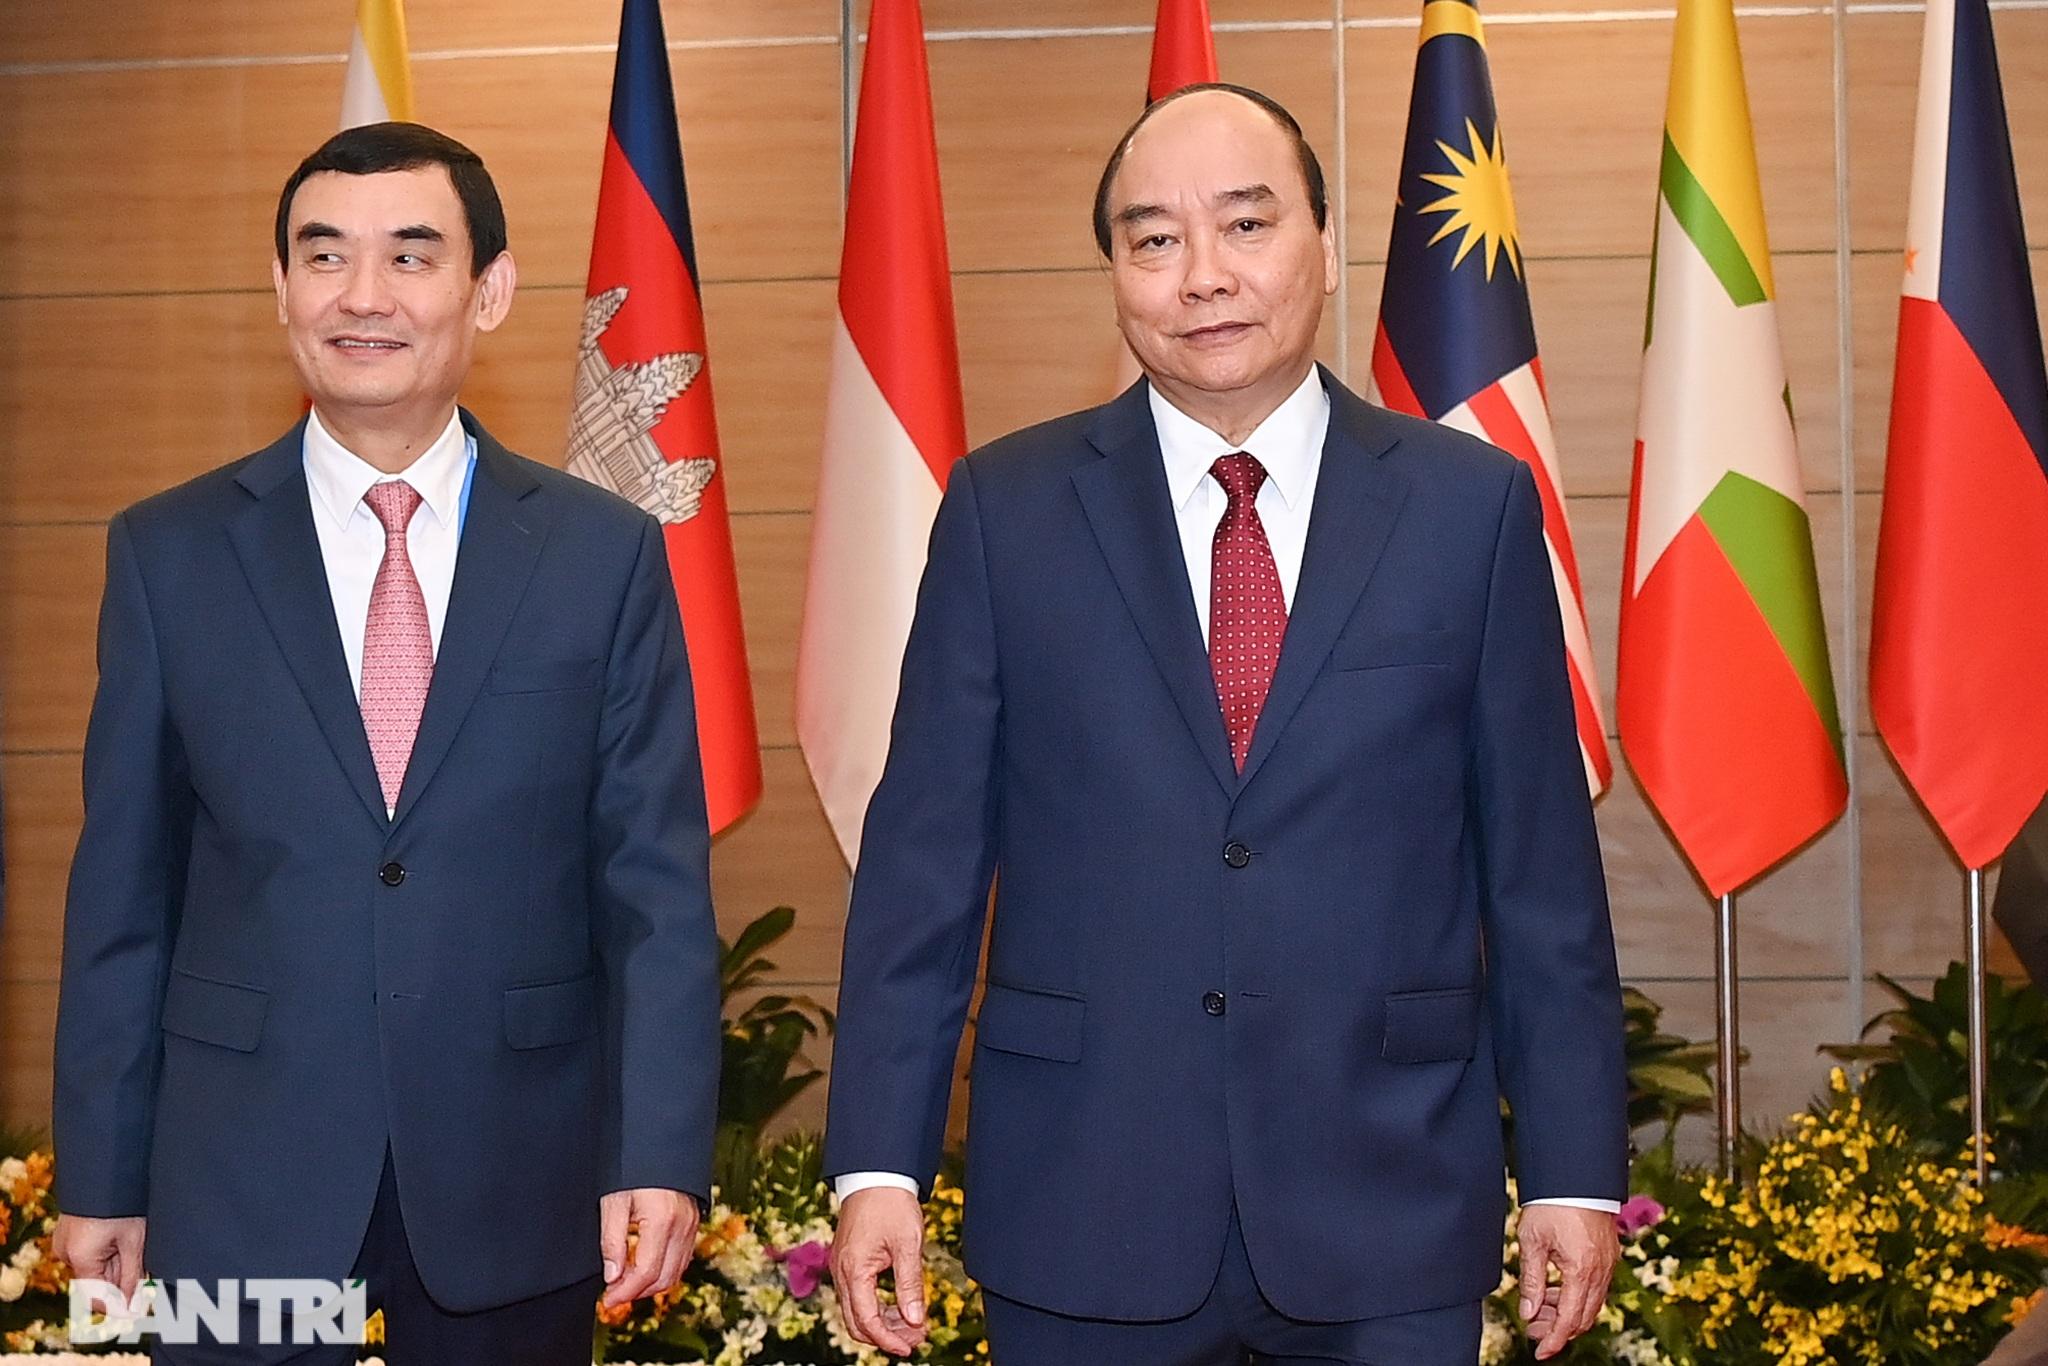 Lãnh đạo Đảng, Nhà nước dự khai mạc Hội nghị cấp cao ASEAN - 3